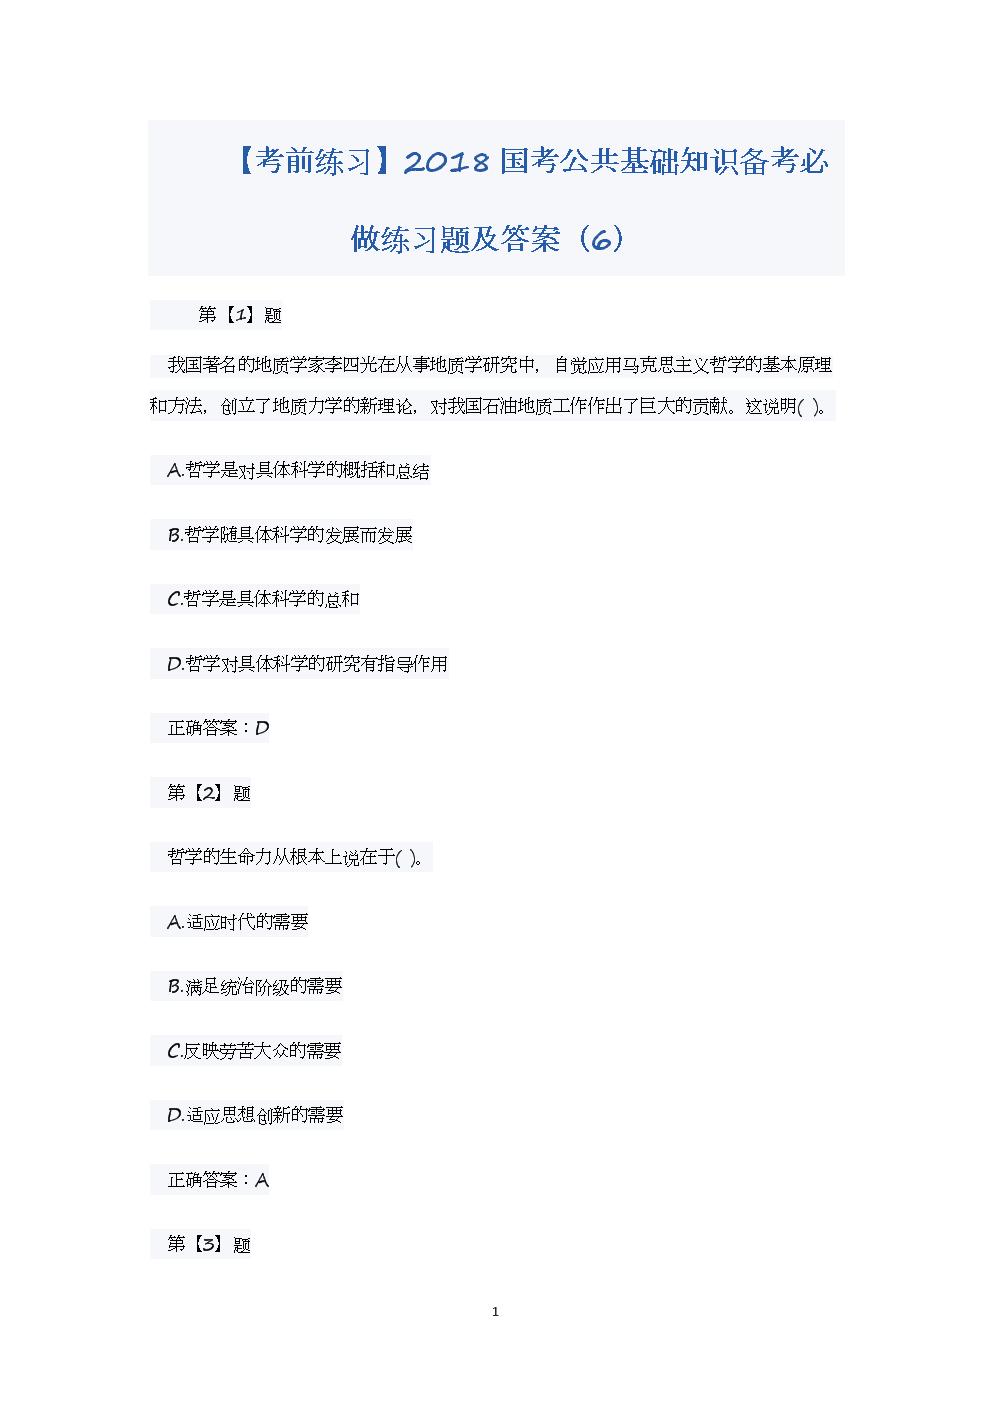 【考前练习】2018国考公共基础知识备考必做练习题及答案(6-10).doc